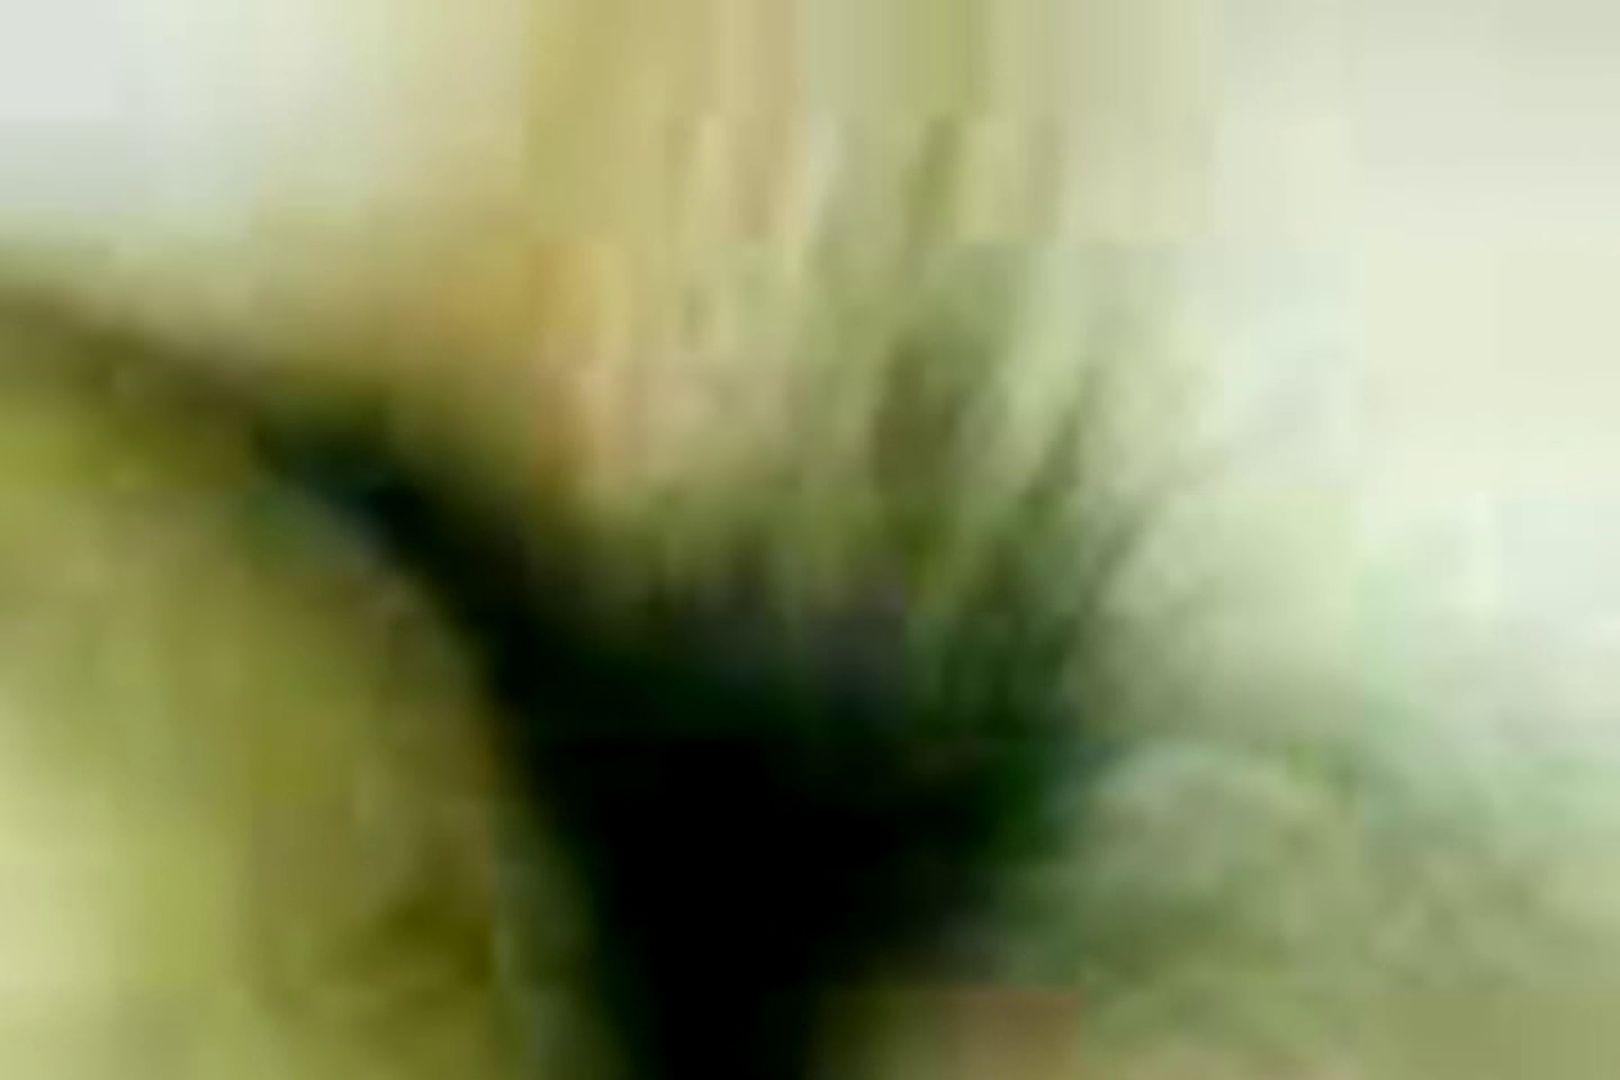 ウイルス流出 串田良祐と小学校教諭のハメ撮りアルバム 学校 | 卑猥  92pic 48